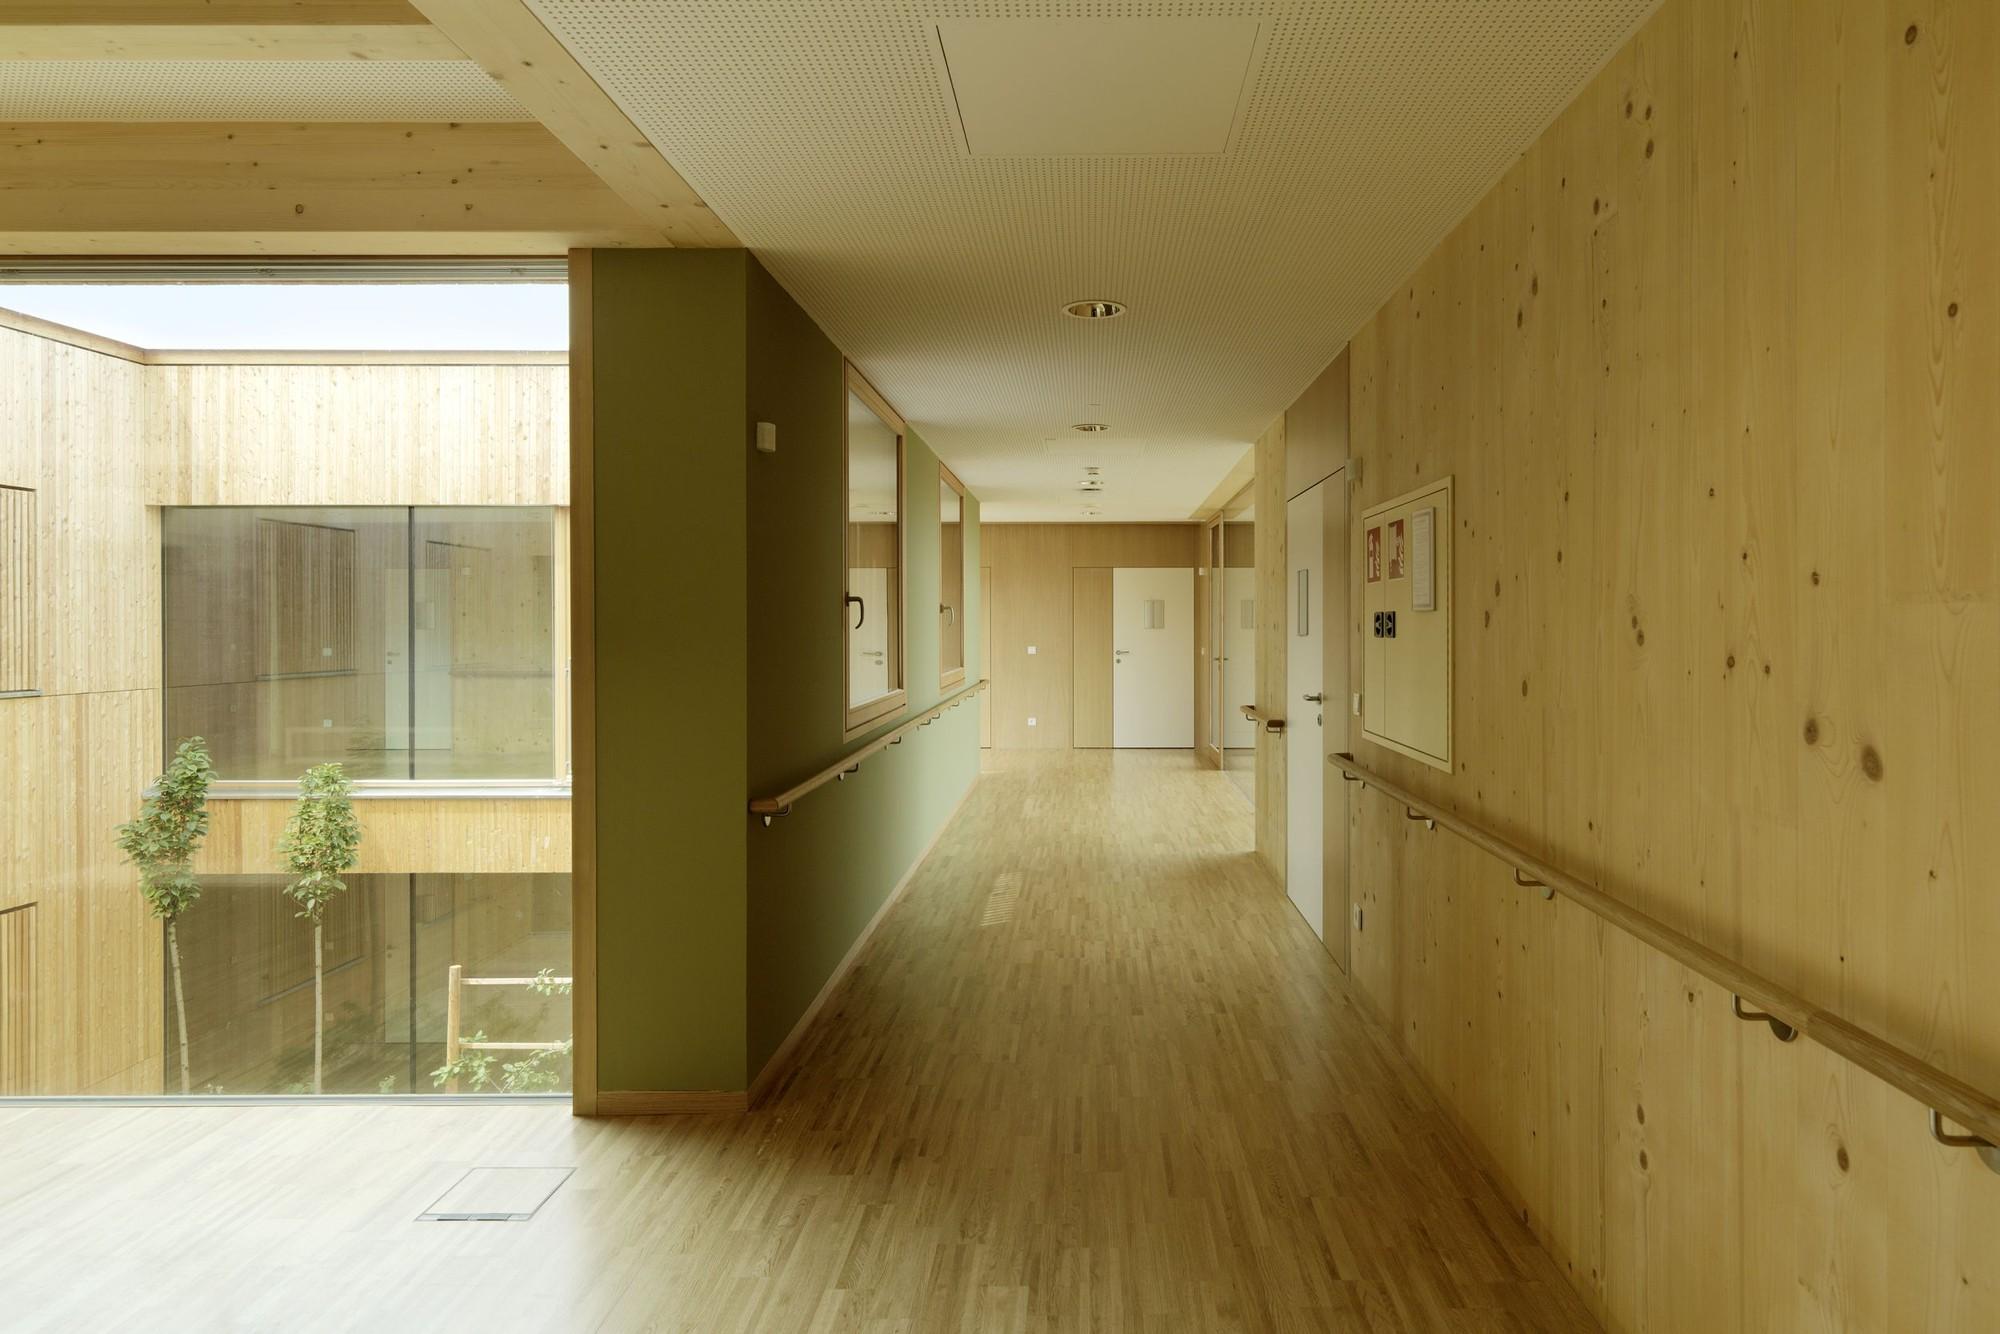 Conhecido Gallery of Peter Rosegger Nursing Home / Dietger Wissounig  OC73